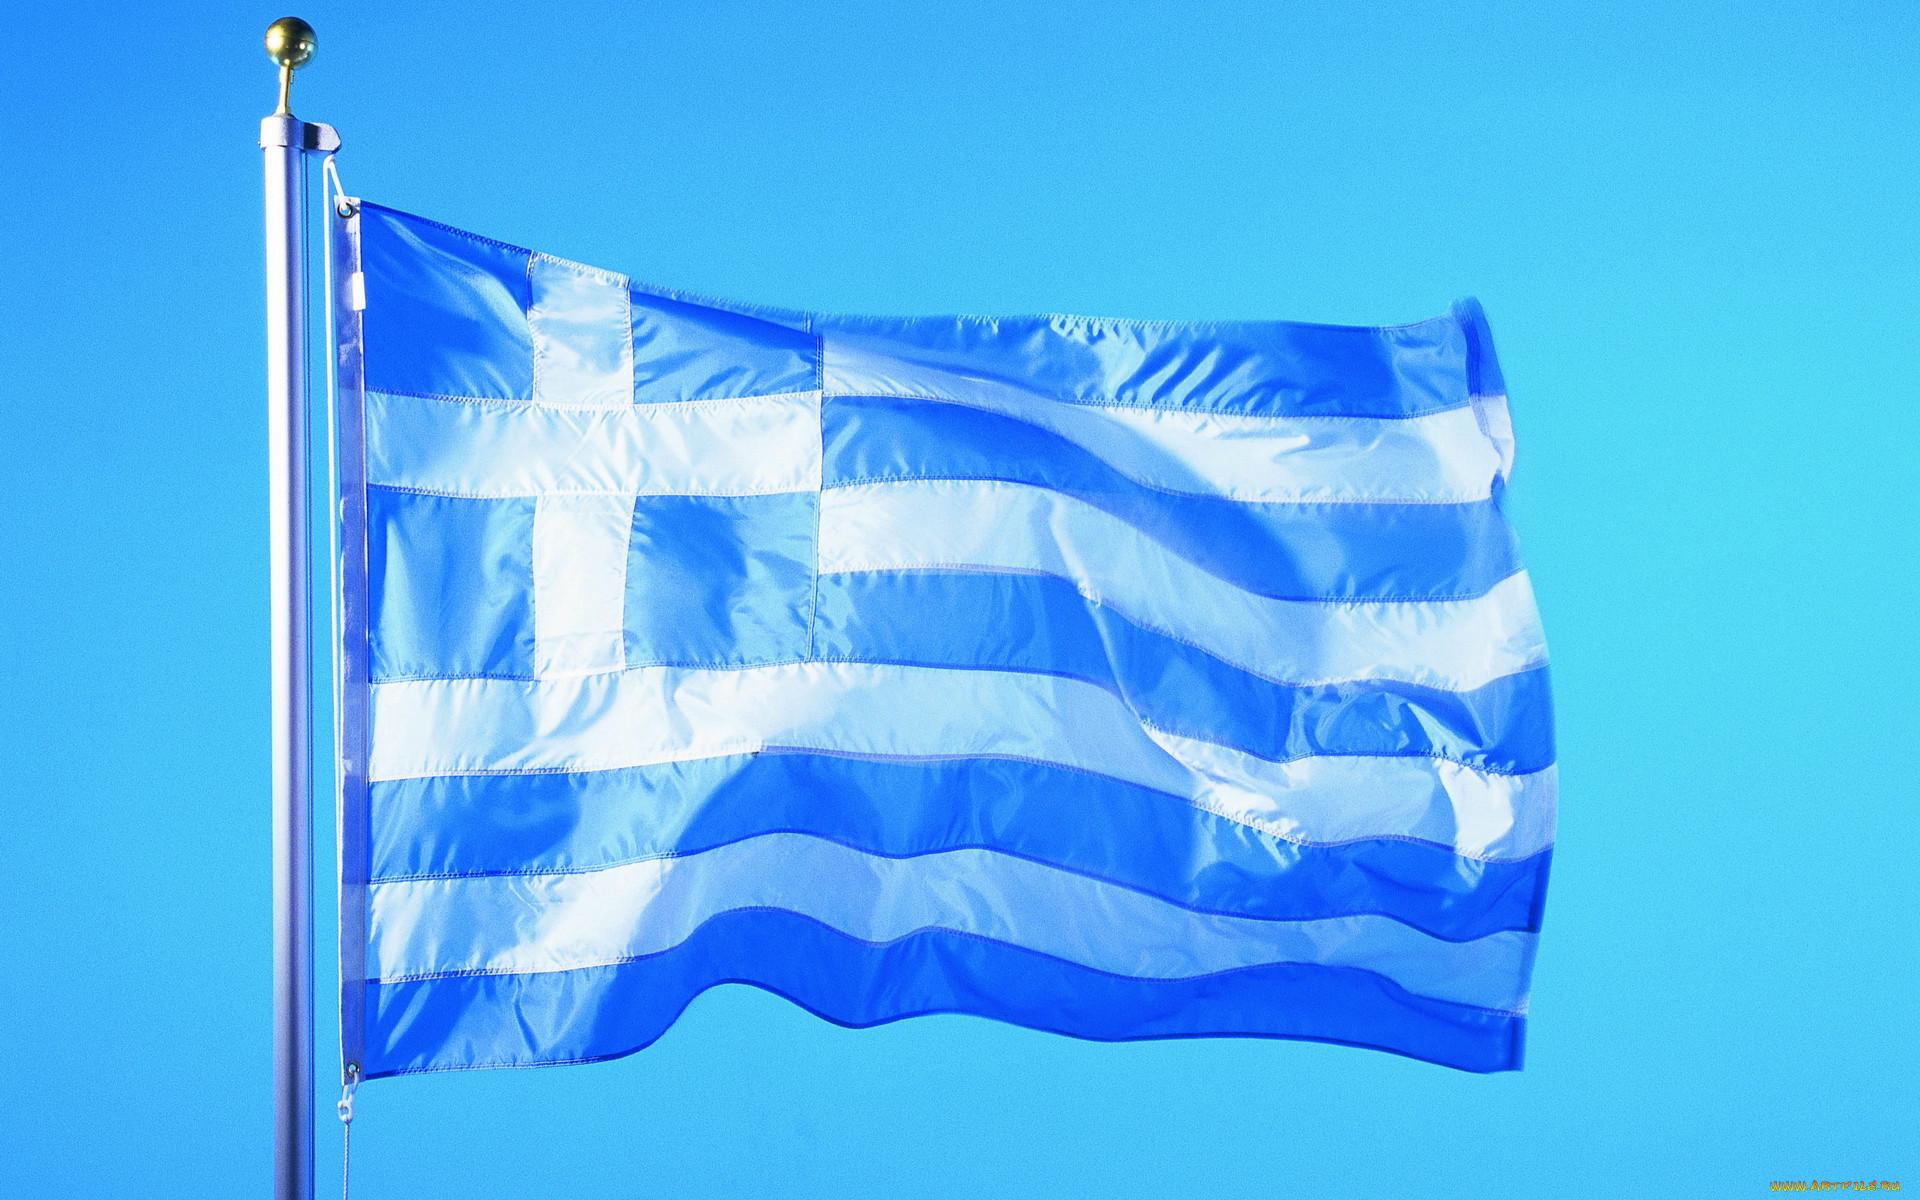 картинки флаги россии и греции металлический фиксатор разъема